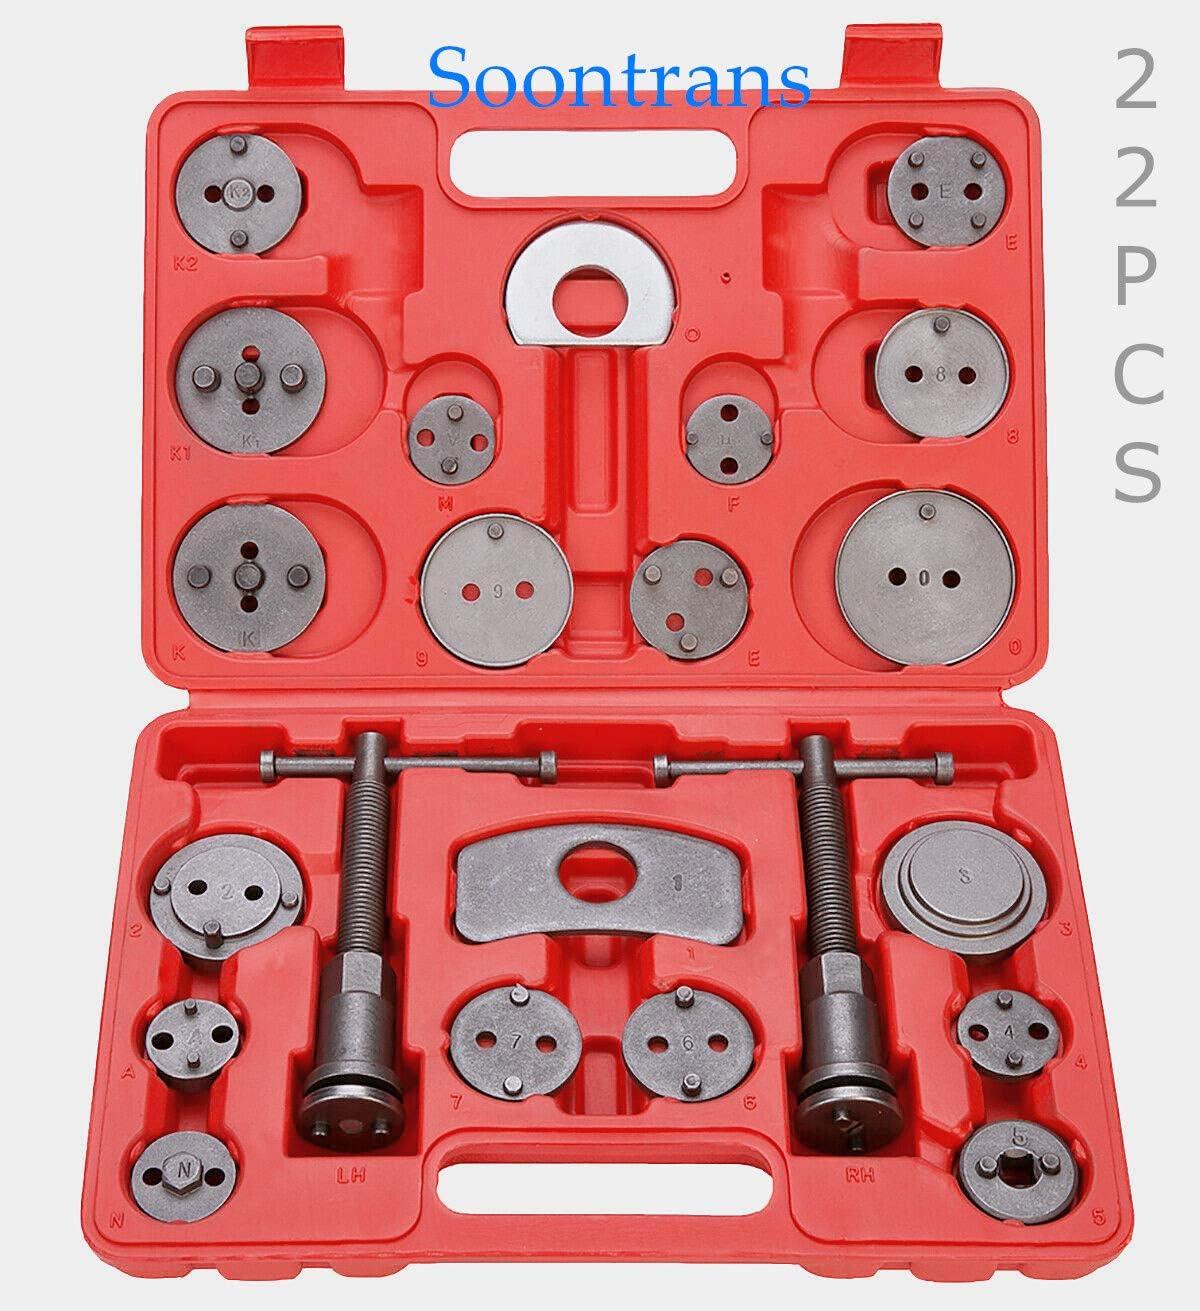 Soontrans-Reposicionador de pistones de freno - Sets de herramientas para las pinzas de freno - compresor pistones freno - 22piezas - reponer pinzas de freno- Kompressor Tool Kit Universal